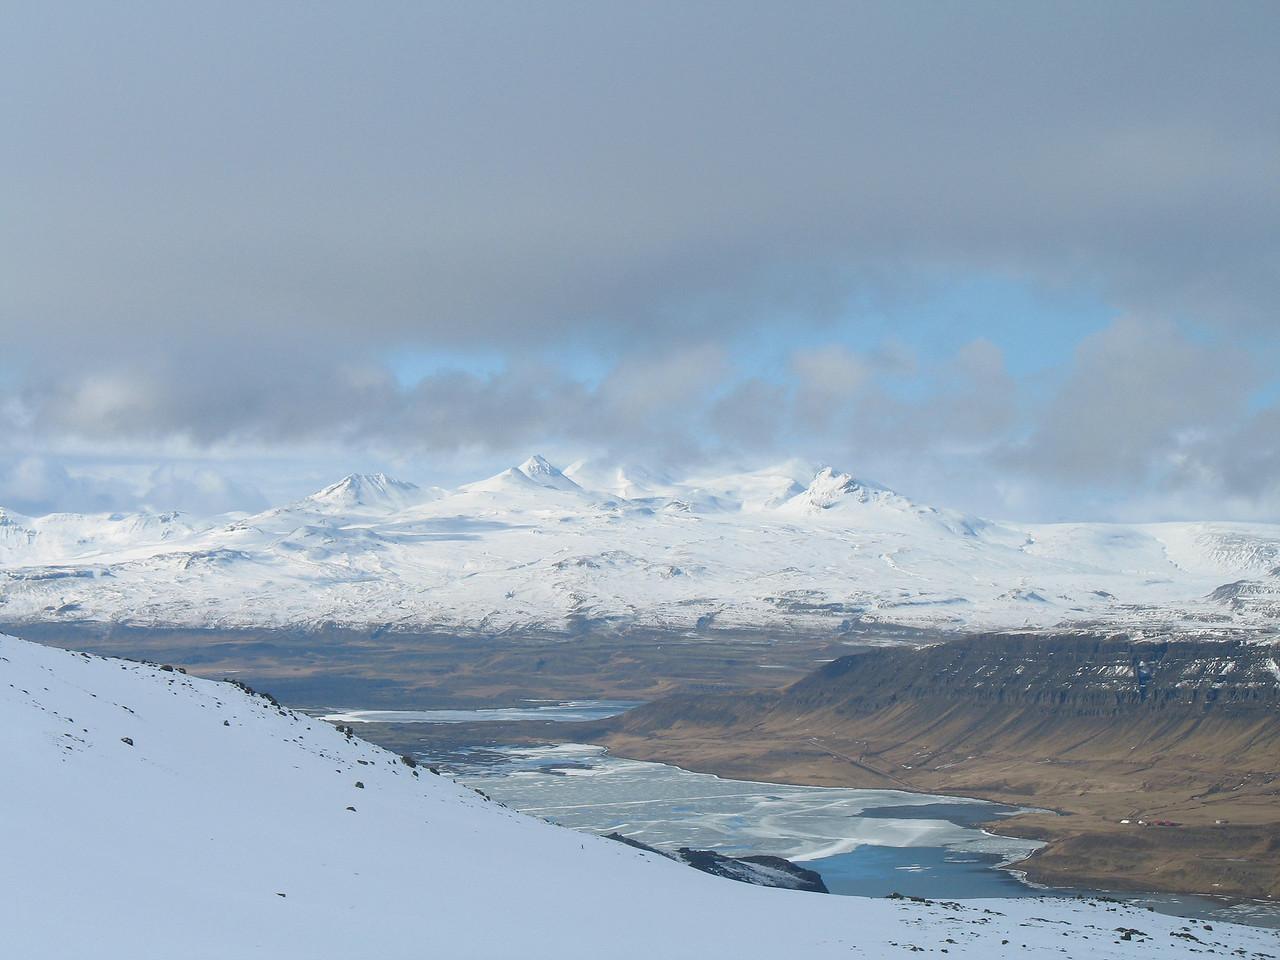 Horft yfir Hnappadal, Hlíðarvatn og Oddastaðavatn næst. Við himin ber Þrífell og Ljósufjöll á bak við þau.